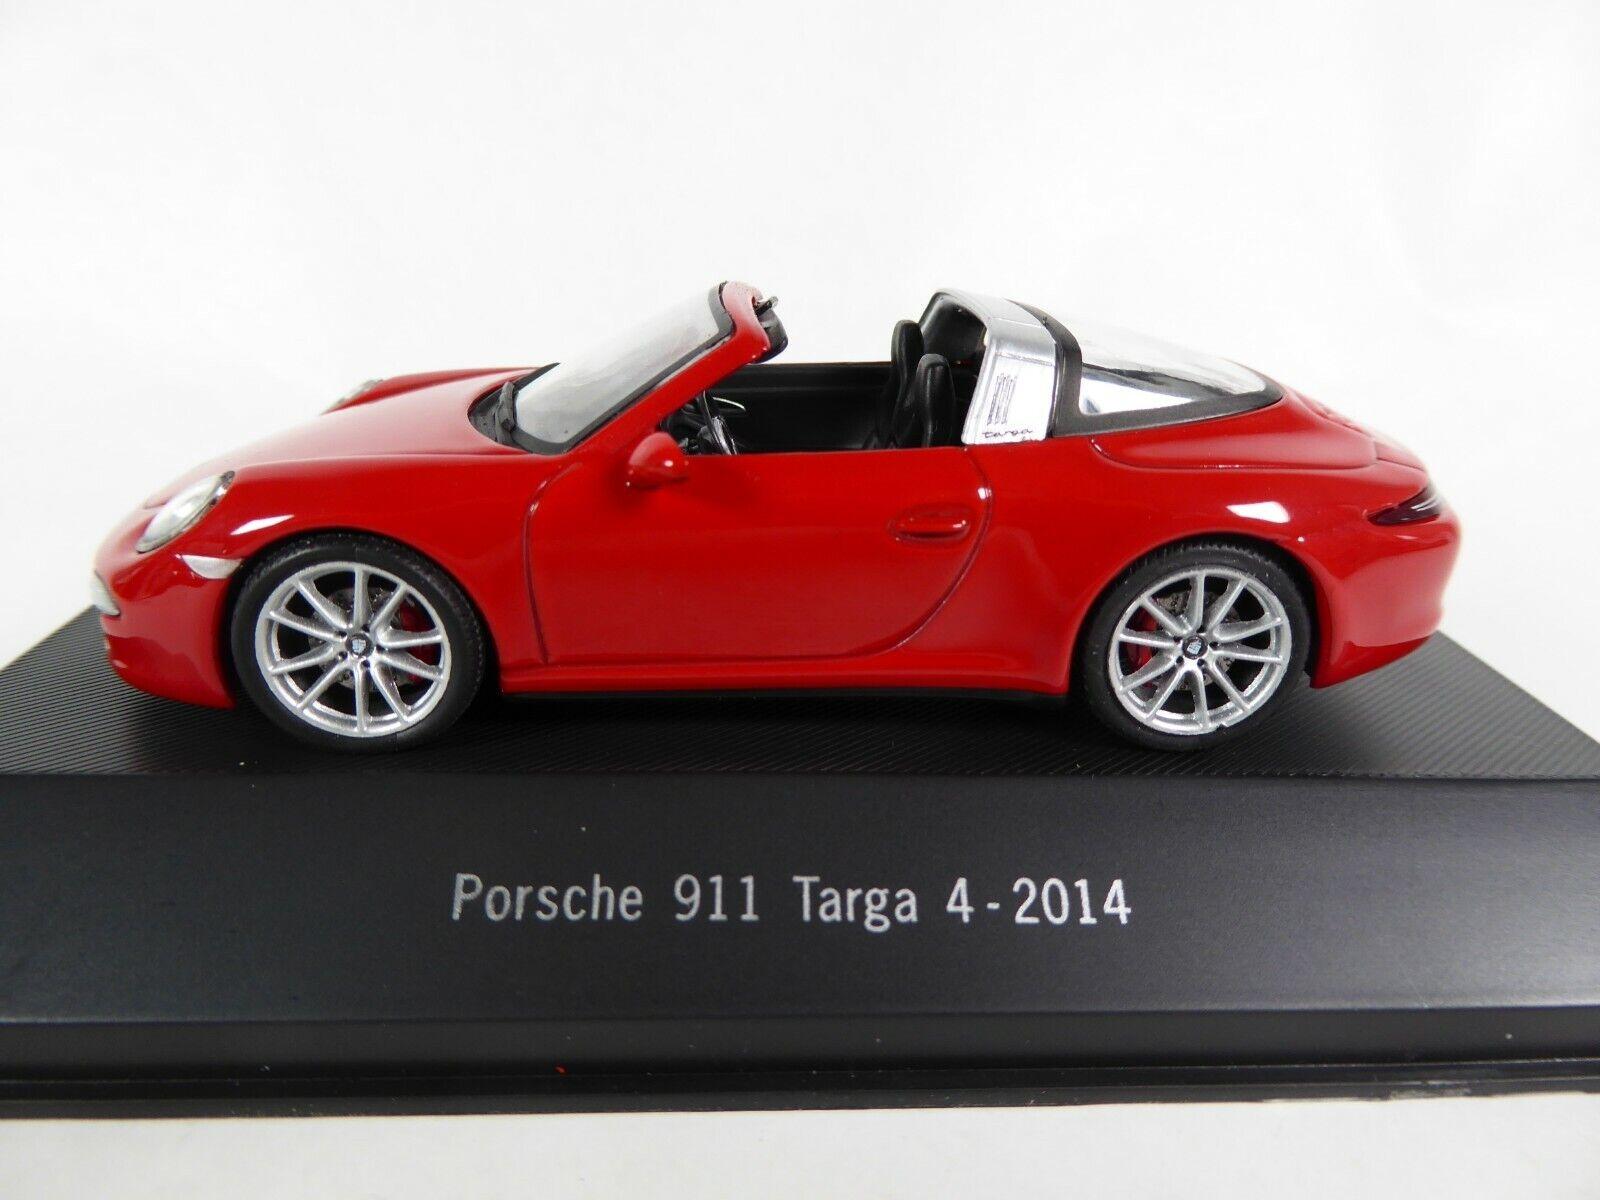 Porsche 911 Targa 4 2014 - 1 43 Voiture Atlas Collection 911 - Model Car 023